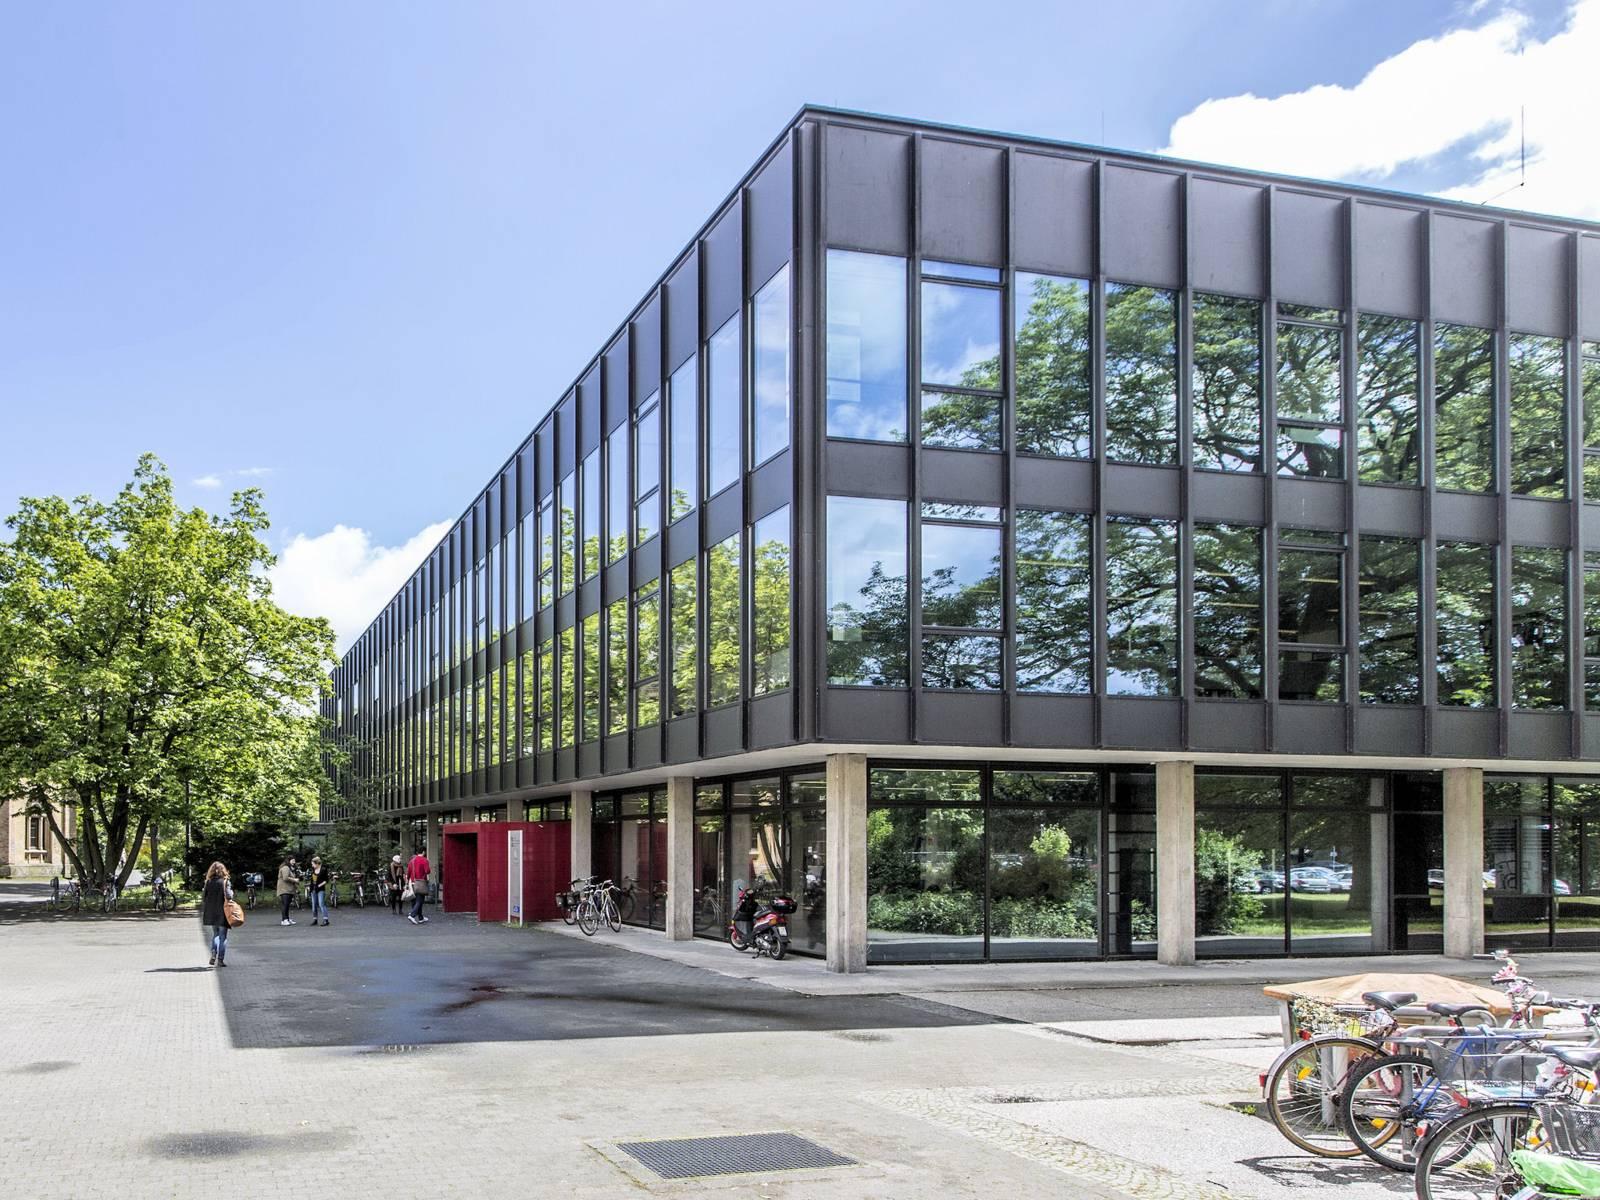 Außenansicht eines modernen Gebäudes